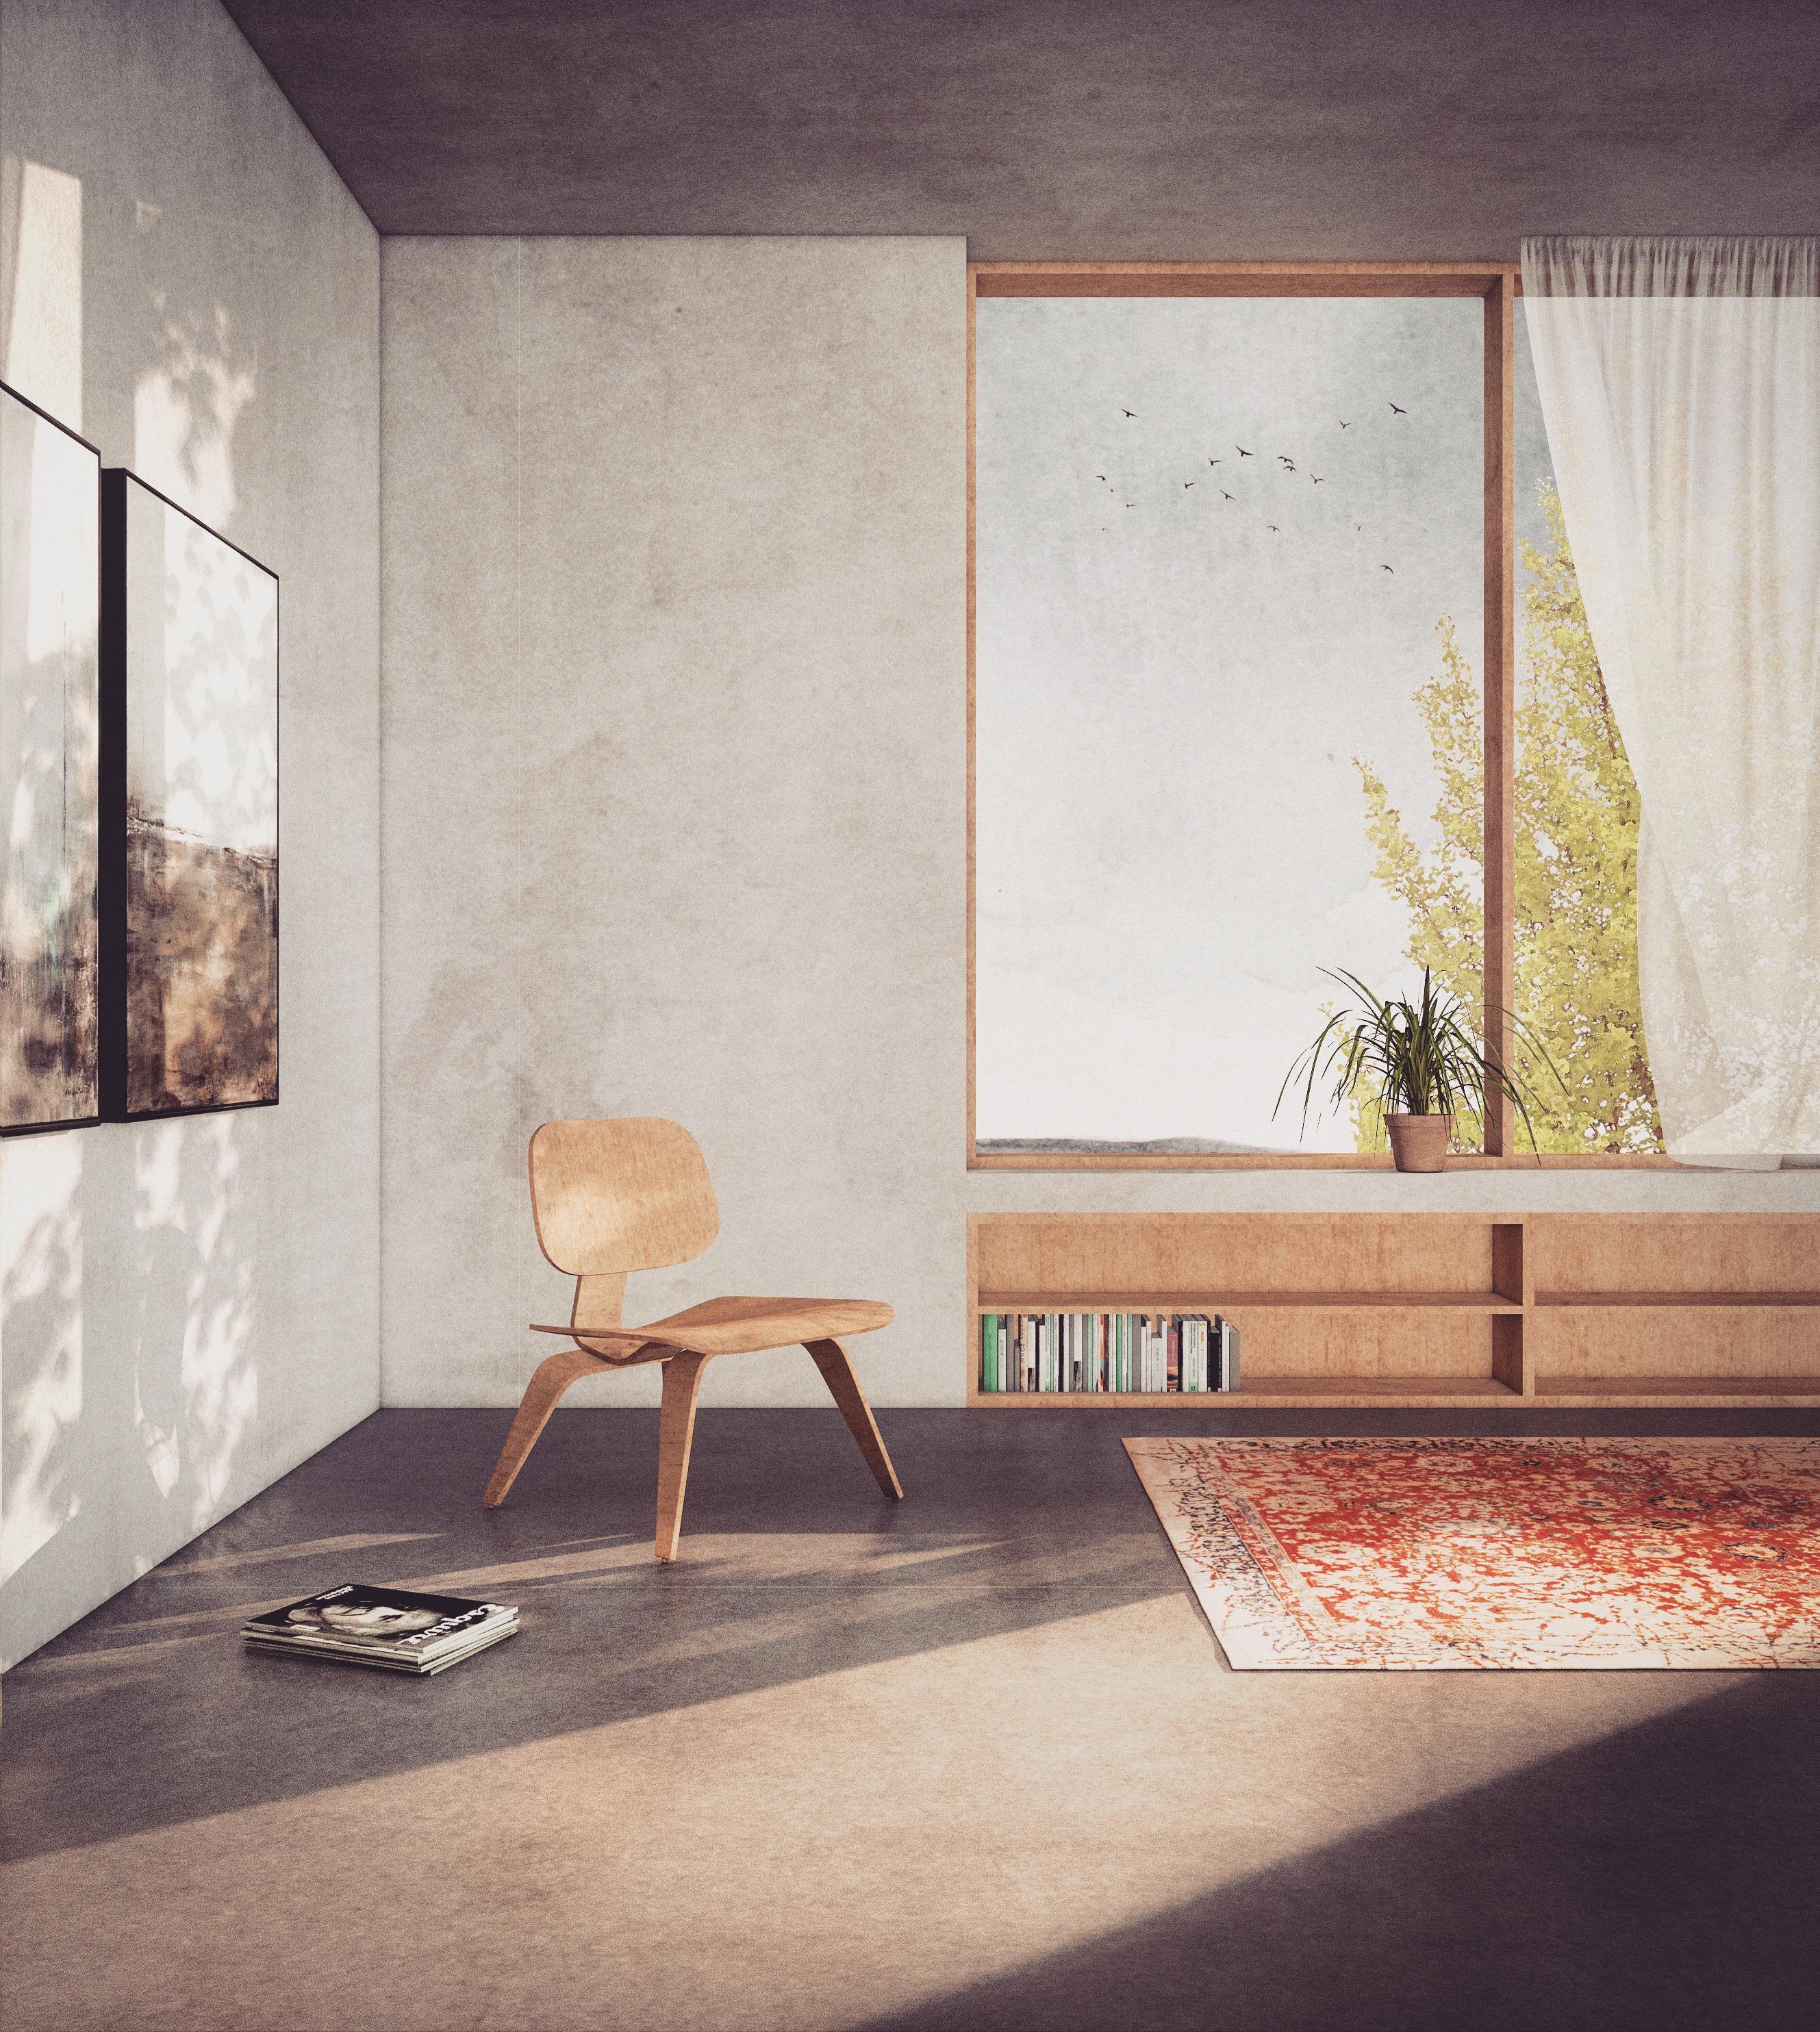 Studio WERK